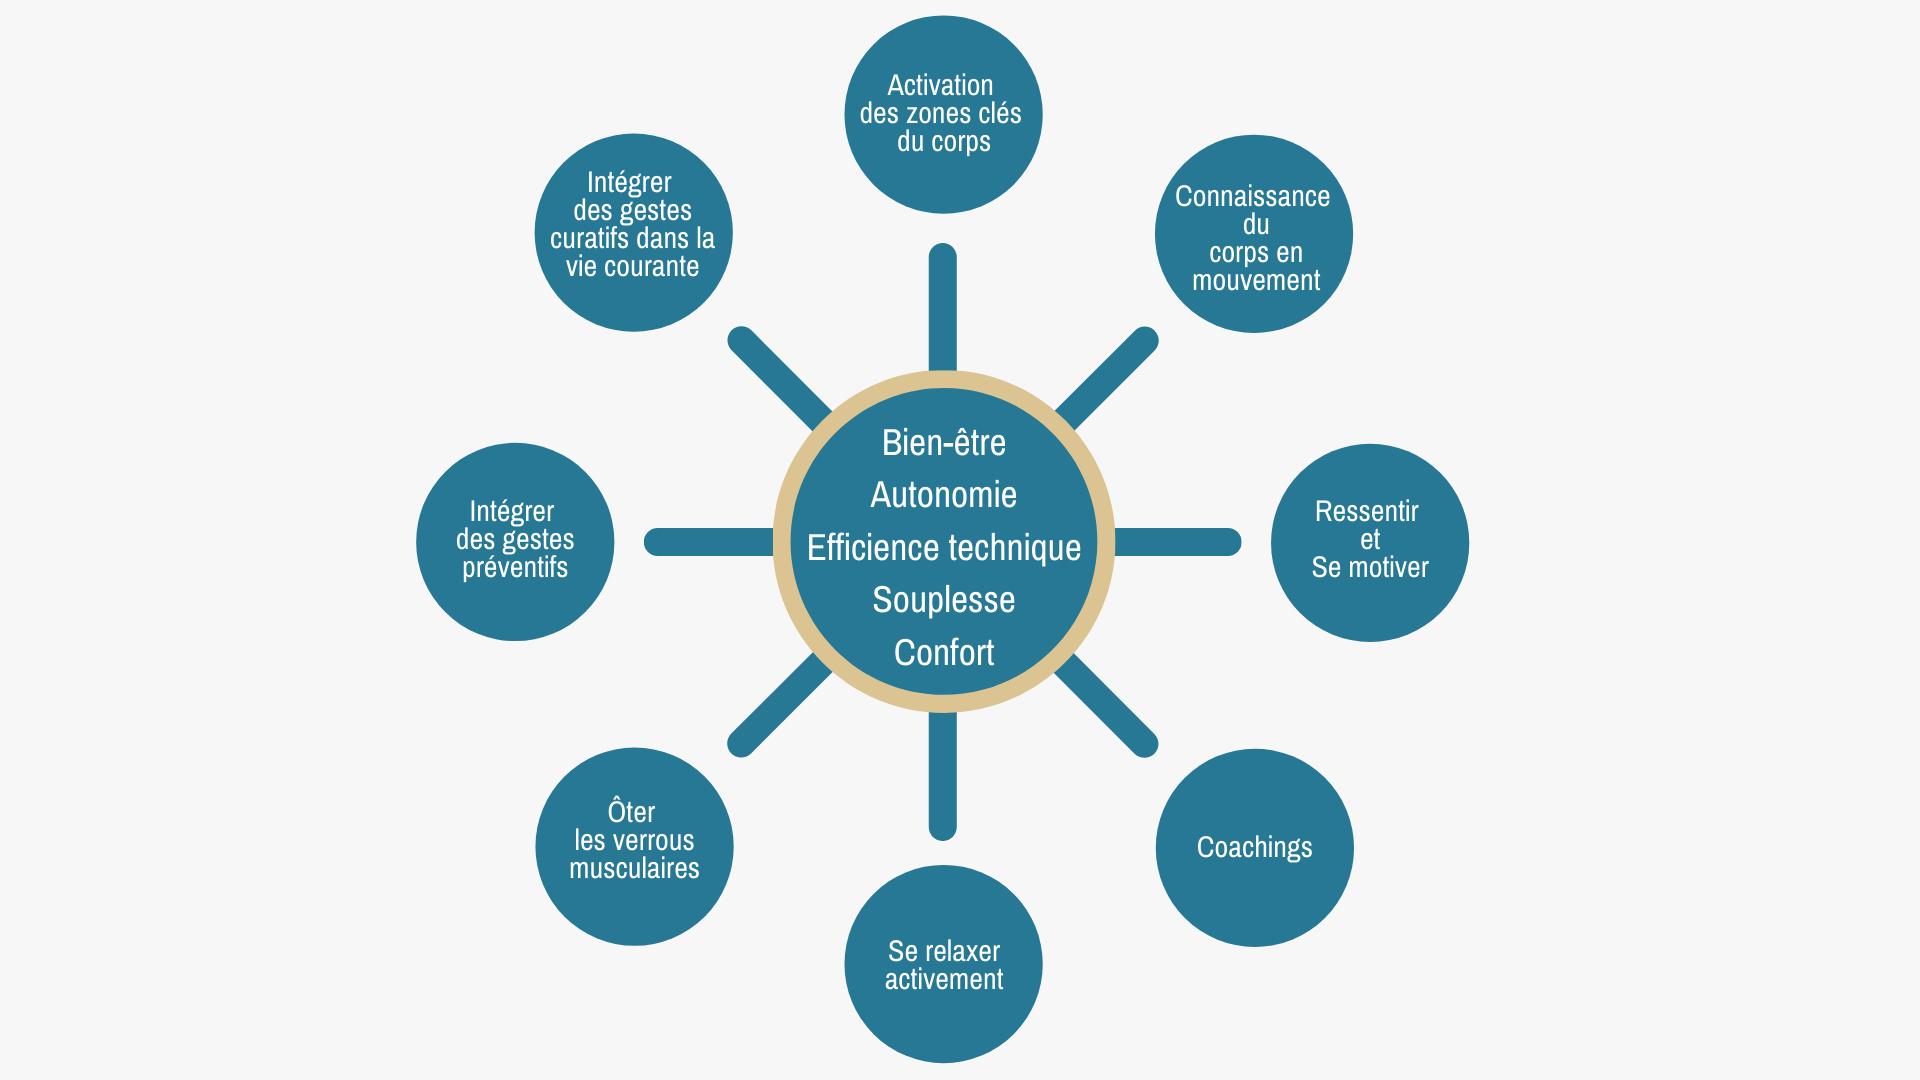 les moyens actions de la methode intelligente du mouvement - Smart Movements